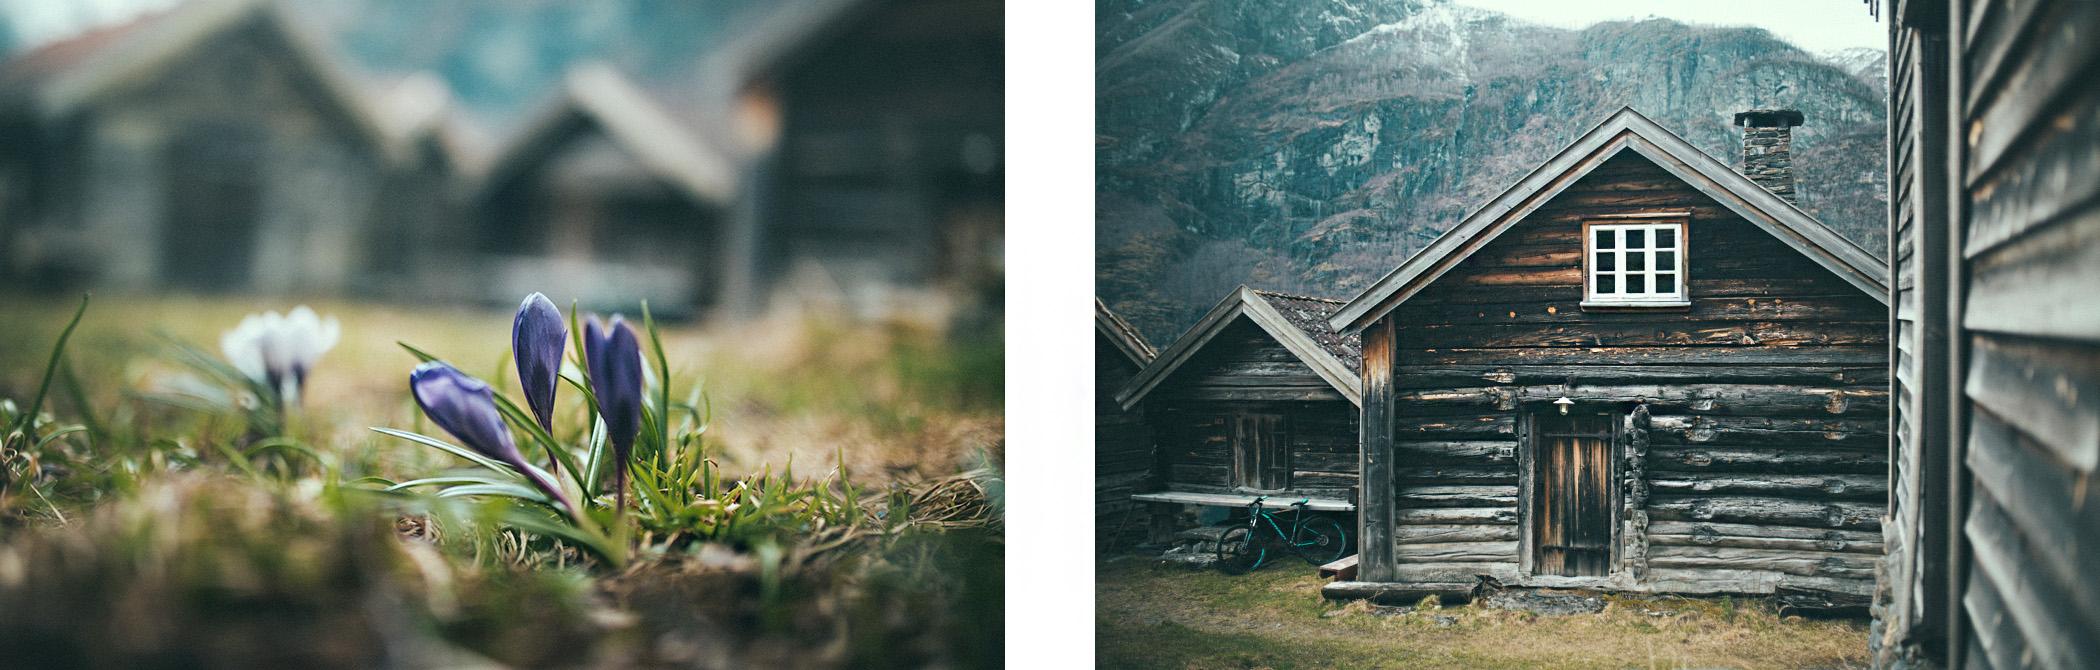 Otternes, krokusy, Norwegia